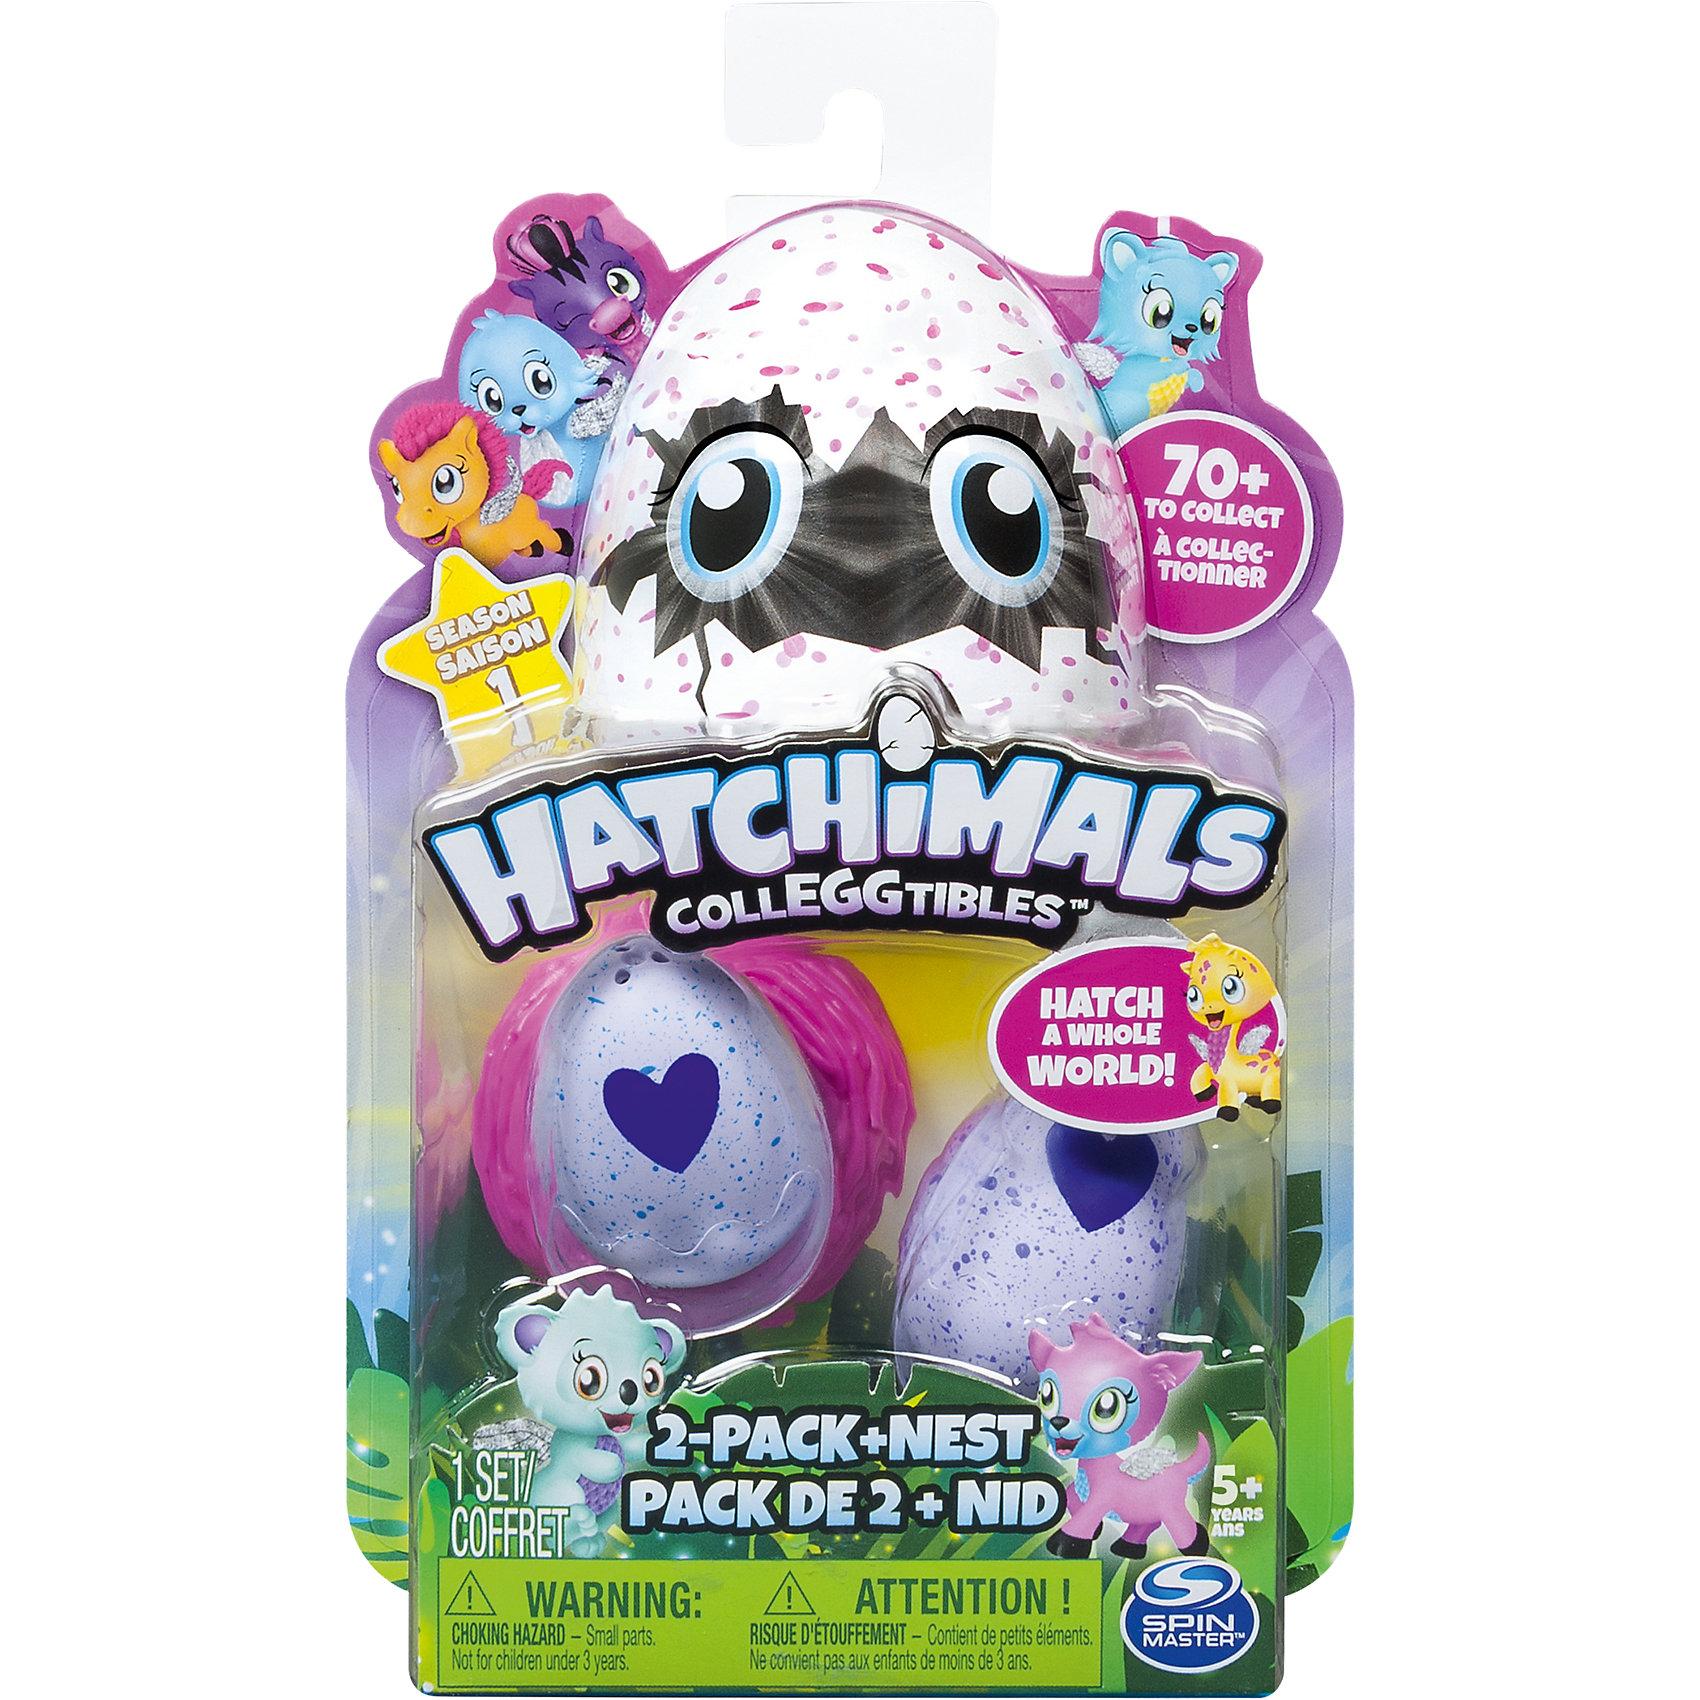 Набор из 2-х коллекционных фигурок, HatchimalsМир животных<br>Характеристики товара:<br><br>• возраст: от 5 лет;<br>• материал: пластик;<br>• в комплекте: 2 яйца, 2 фигурки, гнездо, памятка;<br>• высота фигурки: 3,5 см;<br>• высота яйца: 4,2 см;<br>• размер упаковки: 18х13х4 см;<br>• вес упаковки: 50 гр.;<br>• страна производитель: Китай.<br><br>Набор из 2 коллекционных фигурок Hatchimals — забавные питомцы, спрятанные в фиолетовой скорлупе с крапинками. Они ждут момента, когда же смогут вылупиться. <br><br>На скорлупе имеется фиолетовое сердечко, которое надо потереть, чтобы питомец вылупился из скорлупы. Сердечко меняет свой цвет на розовый, когда питомец уже готов появиться на свет. Надо только помочь ему и потянуть верхнюю часть скорлупы.<br><br>Игрушка упакована в непрозрачный пакет, и какой именно питомец достанется ребенку, будет для него сюрпризом. В коллекции более 70 зверьков. Памятка поможет ребенку разобраться во всей коллекции, категориях. В нее можно заносить информацию об уже имеющемся зверьке.<br><br>Набор из 2 коллекционных фигурок Hatchimals можно приобрести в нашем интернет-магазине.<br><br>Ширина мм: 179<br>Глубина мм: 124<br>Высота мм: 45<br>Вес г: 90<br>Возраст от месяцев: 36<br>Возраст до месяцев: 84<br>Пол: Унисекс<br>Возраст: Детский<br>SKU: 5149640